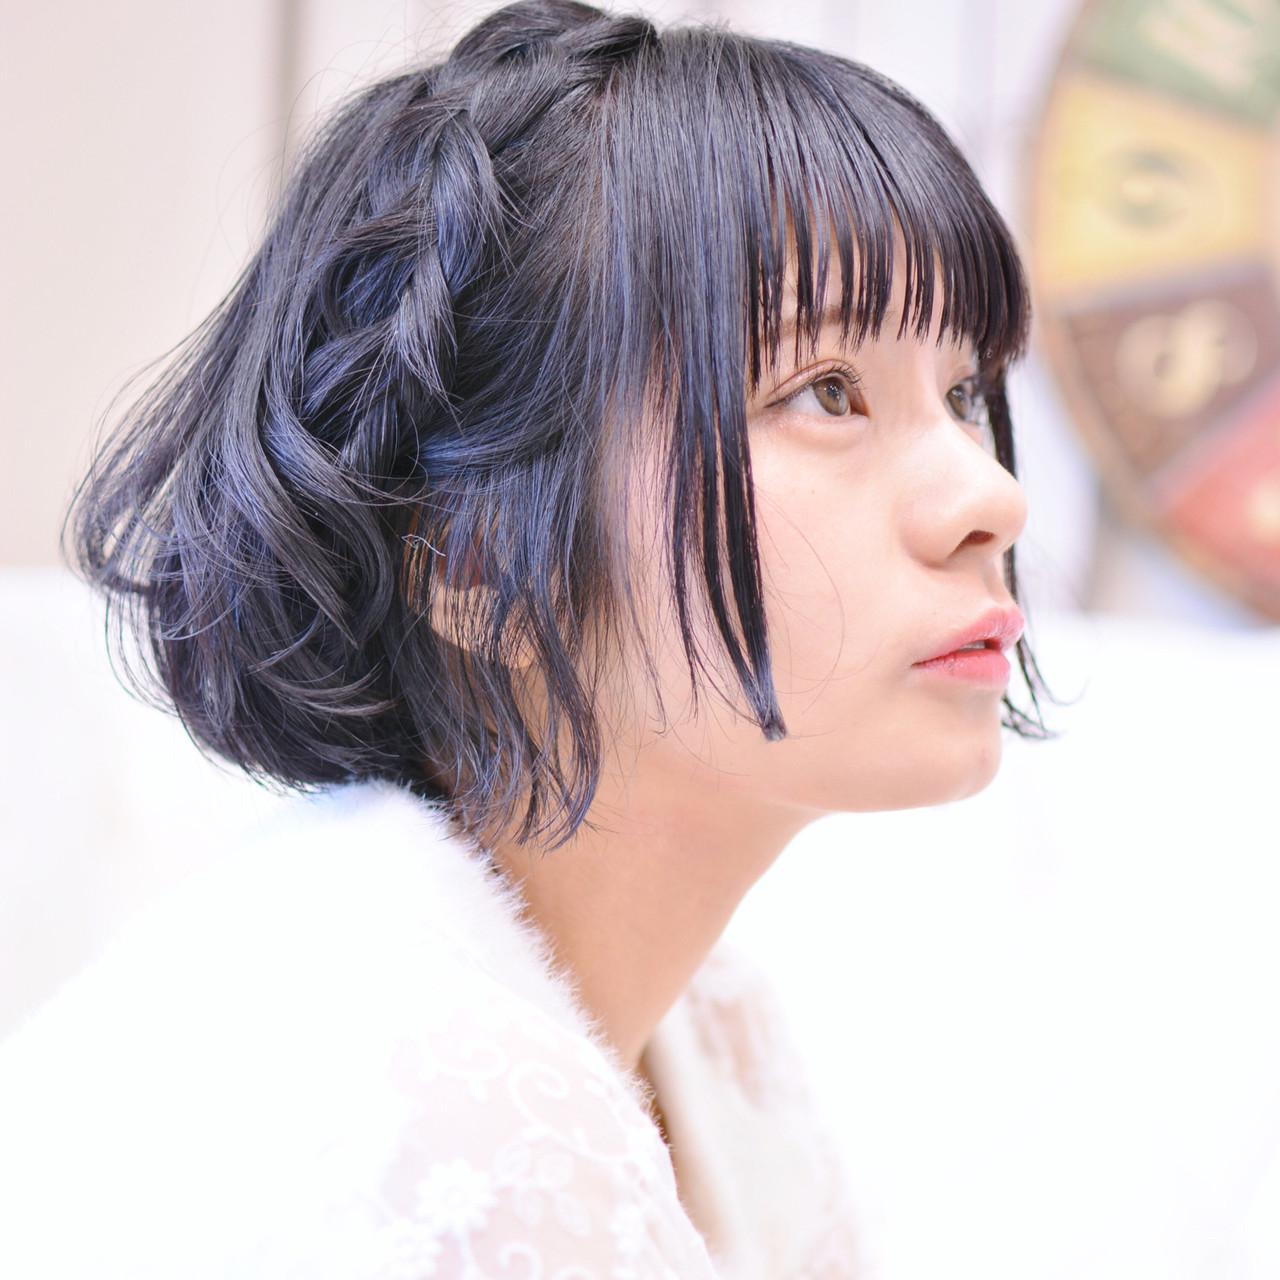 簡単ヘアアレンジ ヘアアレンジ 黒髪ショート 黒髪 ヘアスタイルや髪型の写真・画像 | Shiko Kajihara / メイズ